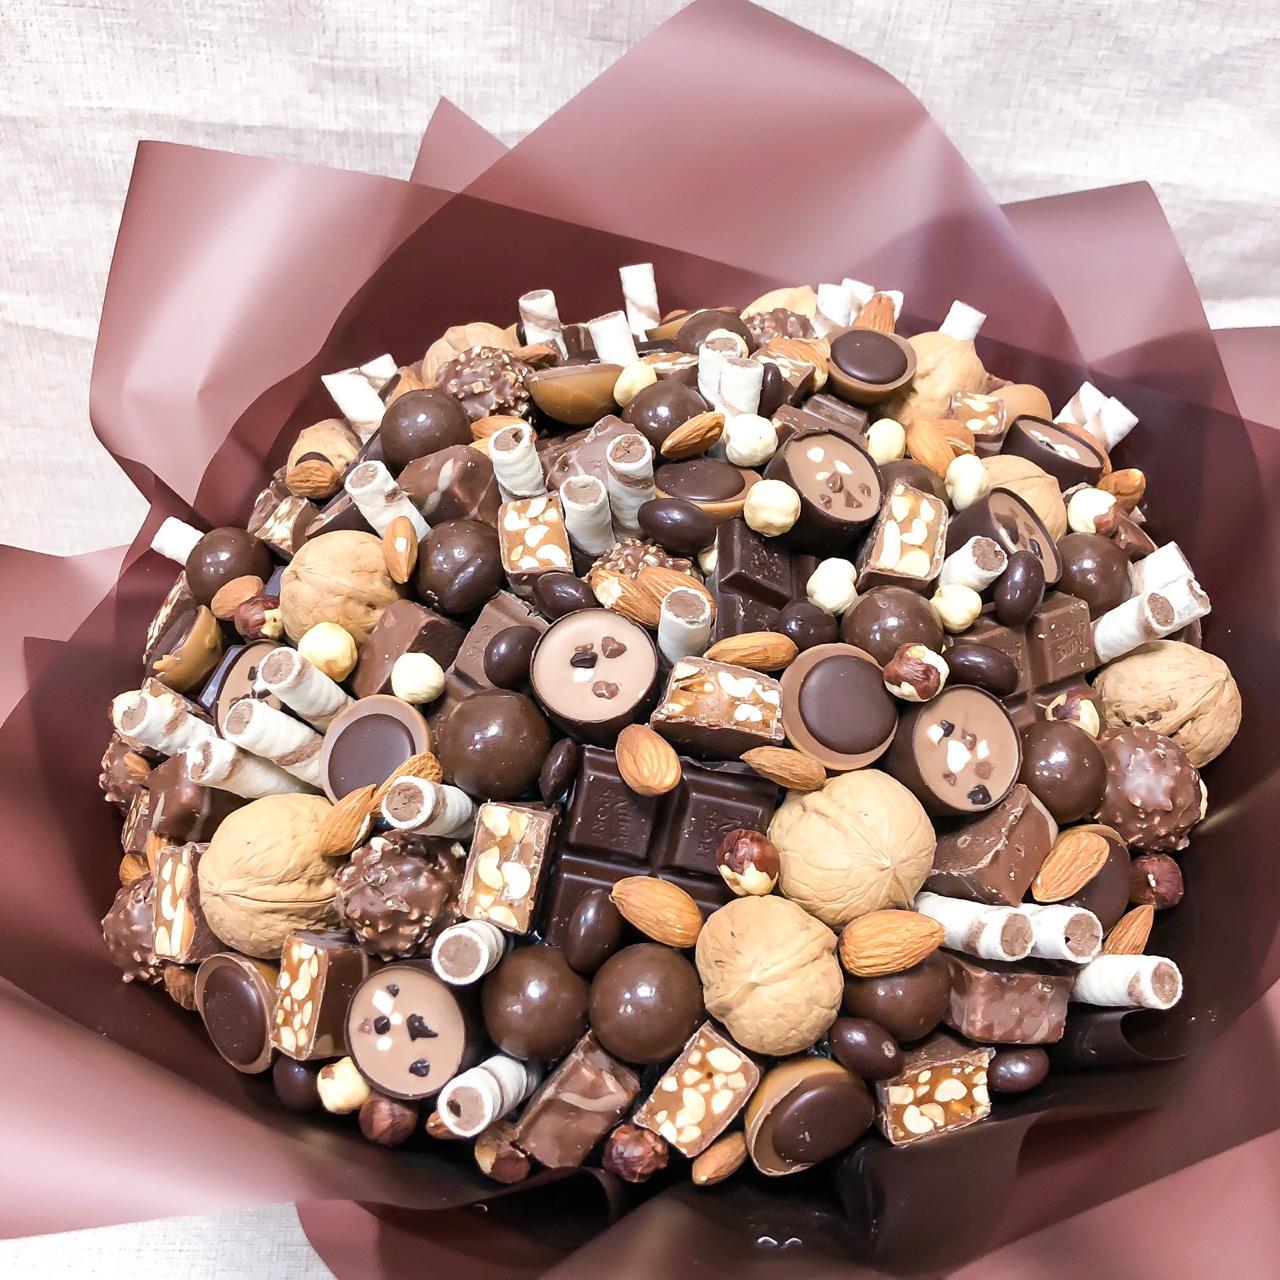 Новогодние букеты из конфет: сладкий зимний букет в сочетании с шампанским, обзор креативных композиций для подарка на новый год